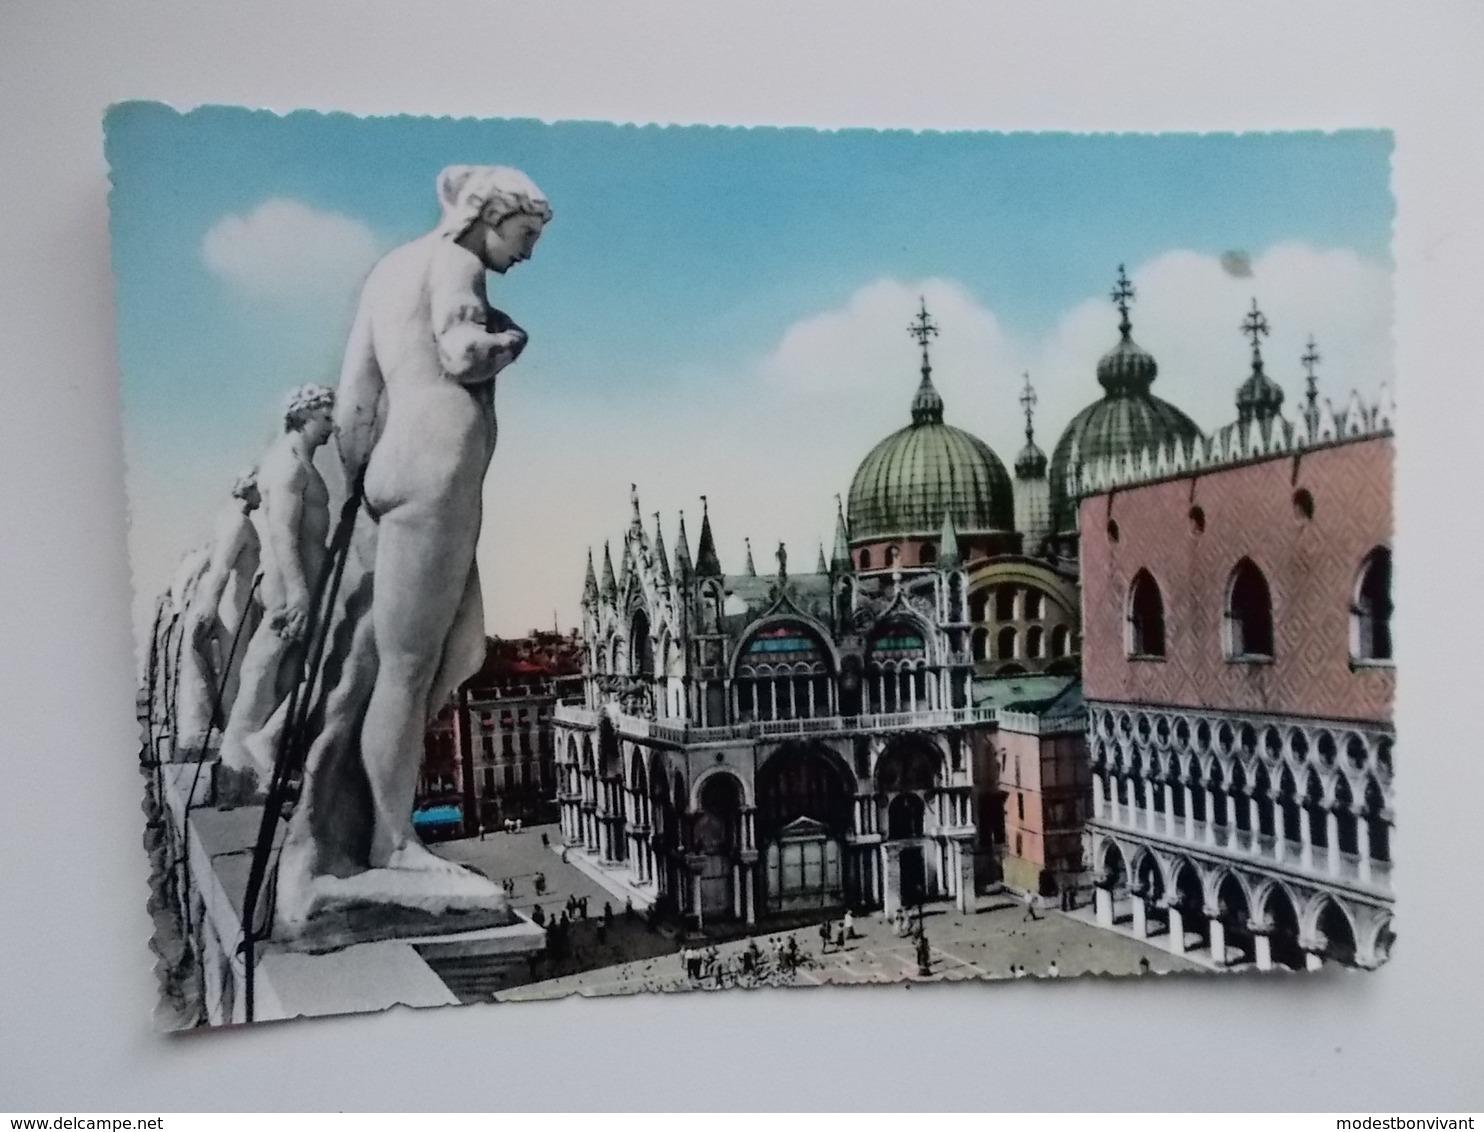 SAN MARCO E PALAZZO DUCALE - Venezia (Venice)